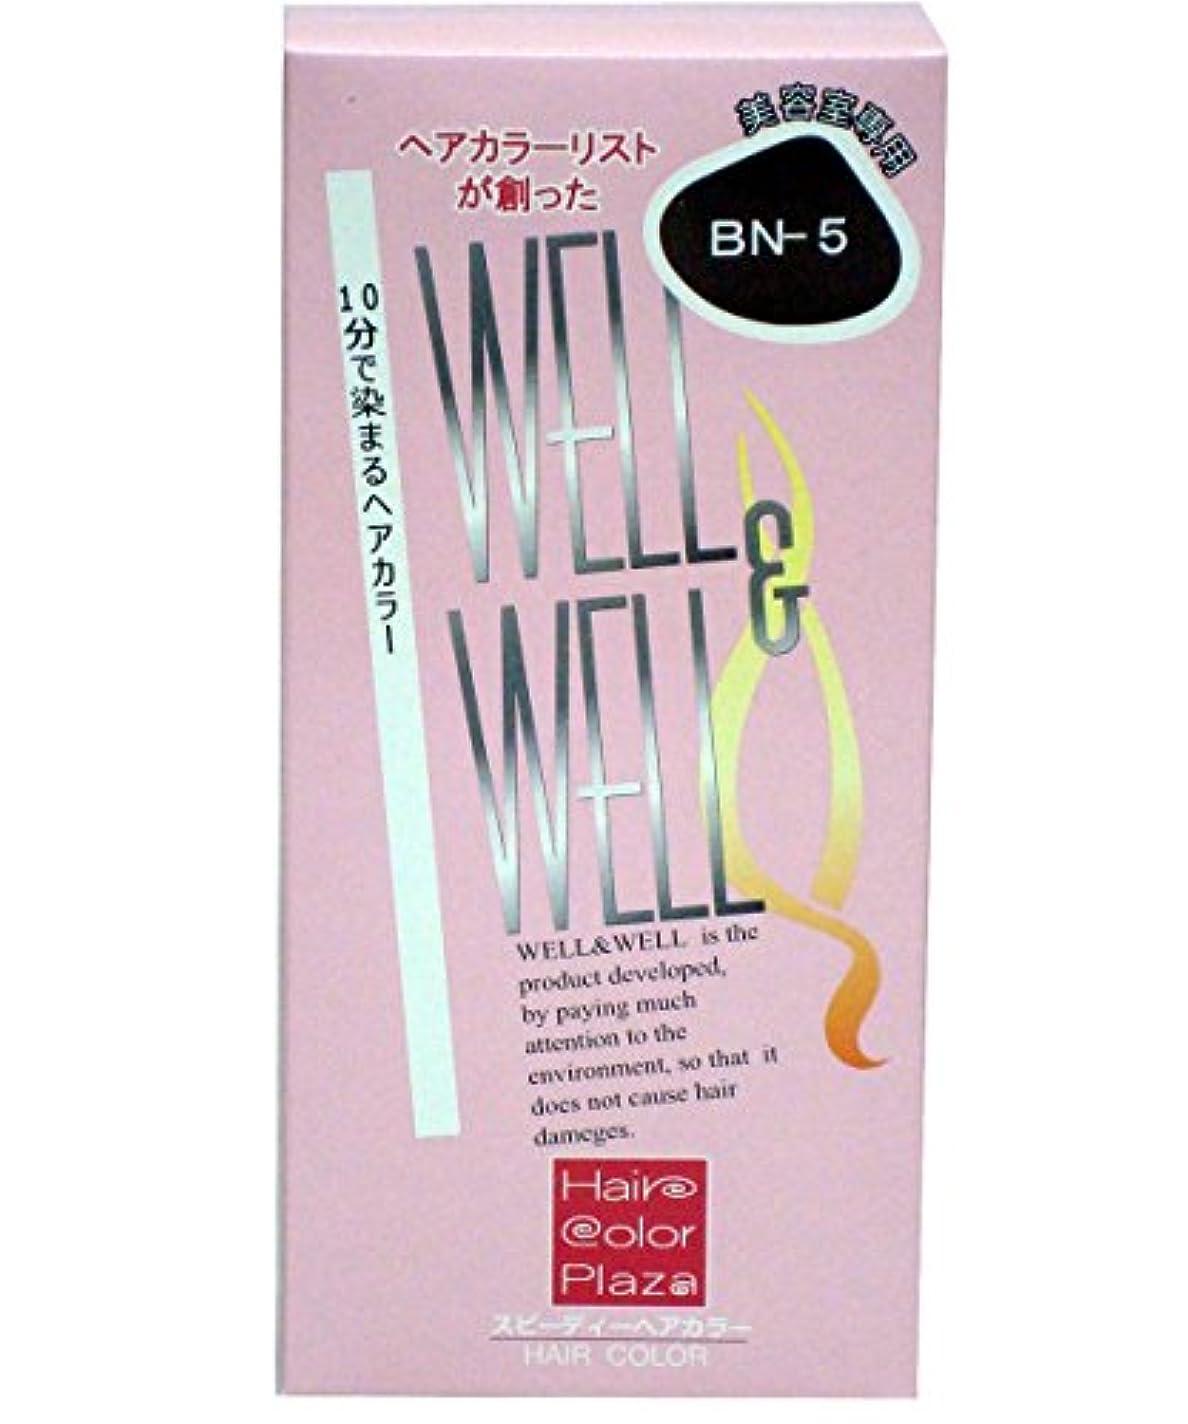 期待してセクションスキーム【美容室専用】 ウェル&ウェル スピーディヘアカラー ナチュラルブラウン BN-5